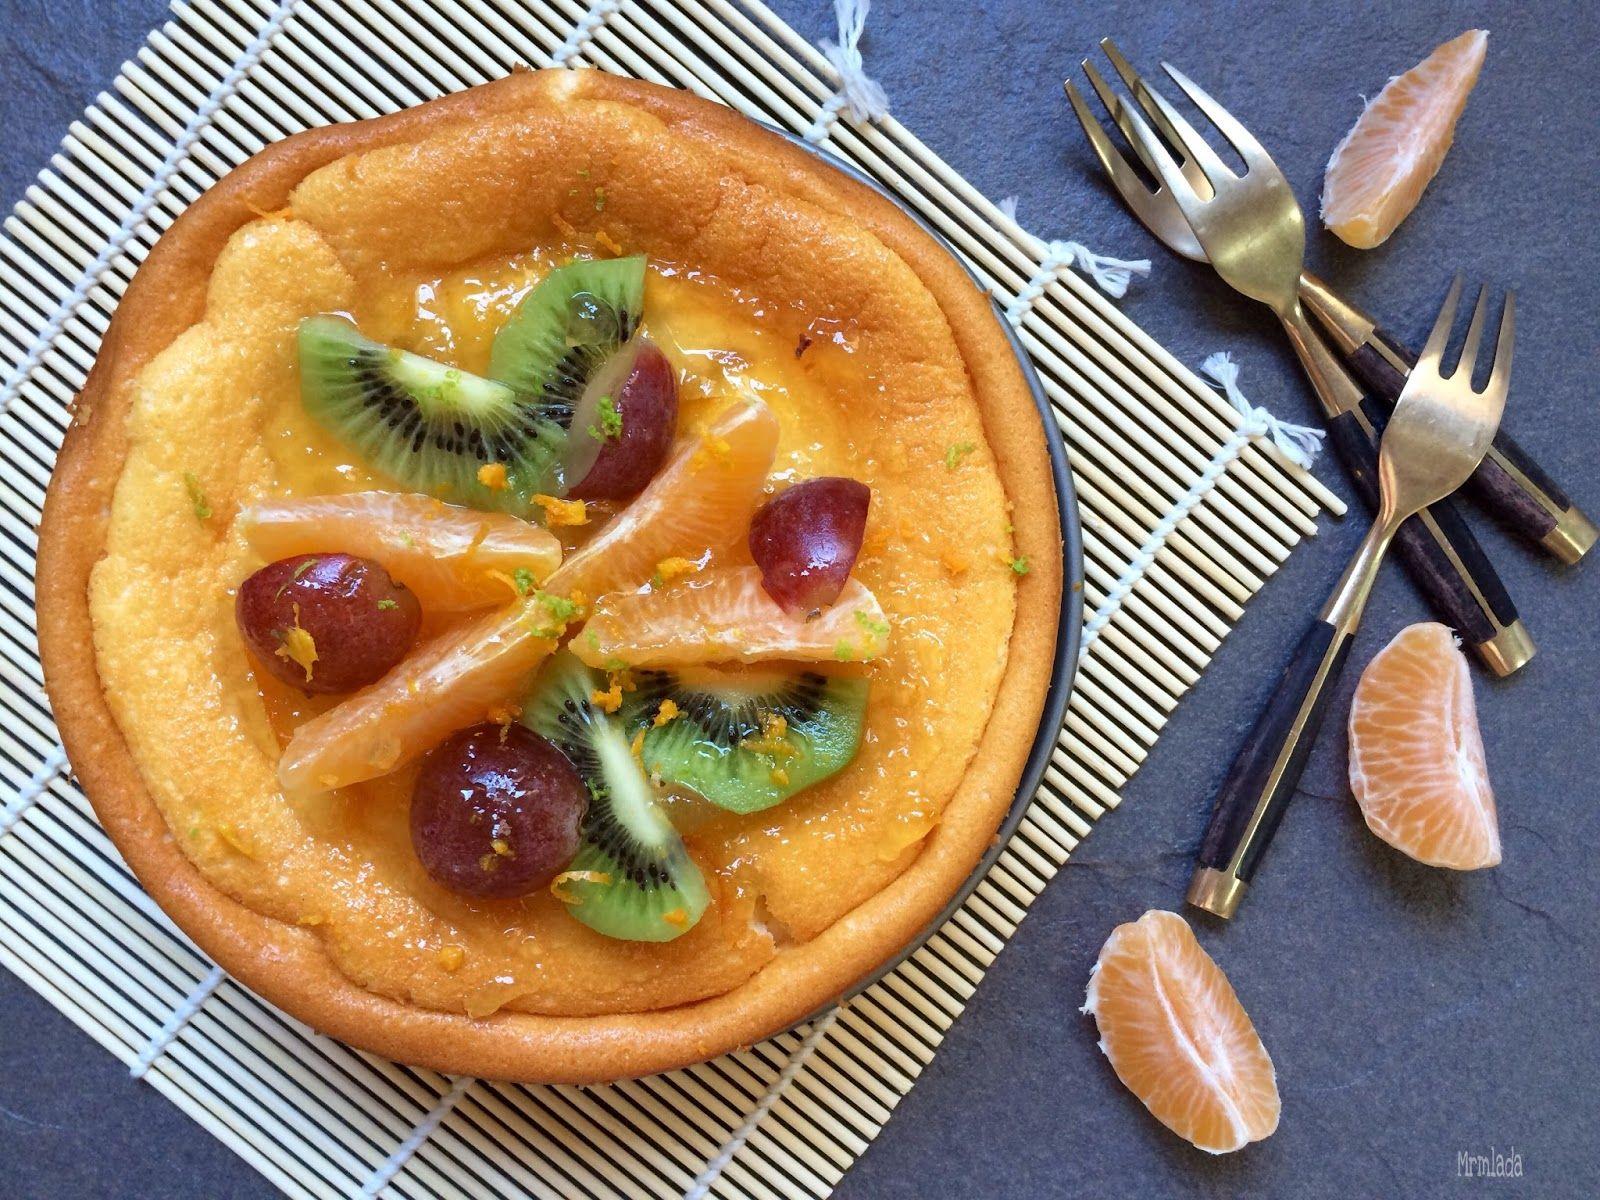 Blog recetas repostera mermelada recetas fciles  Comidas  Food Desserts y Ethnic recipes